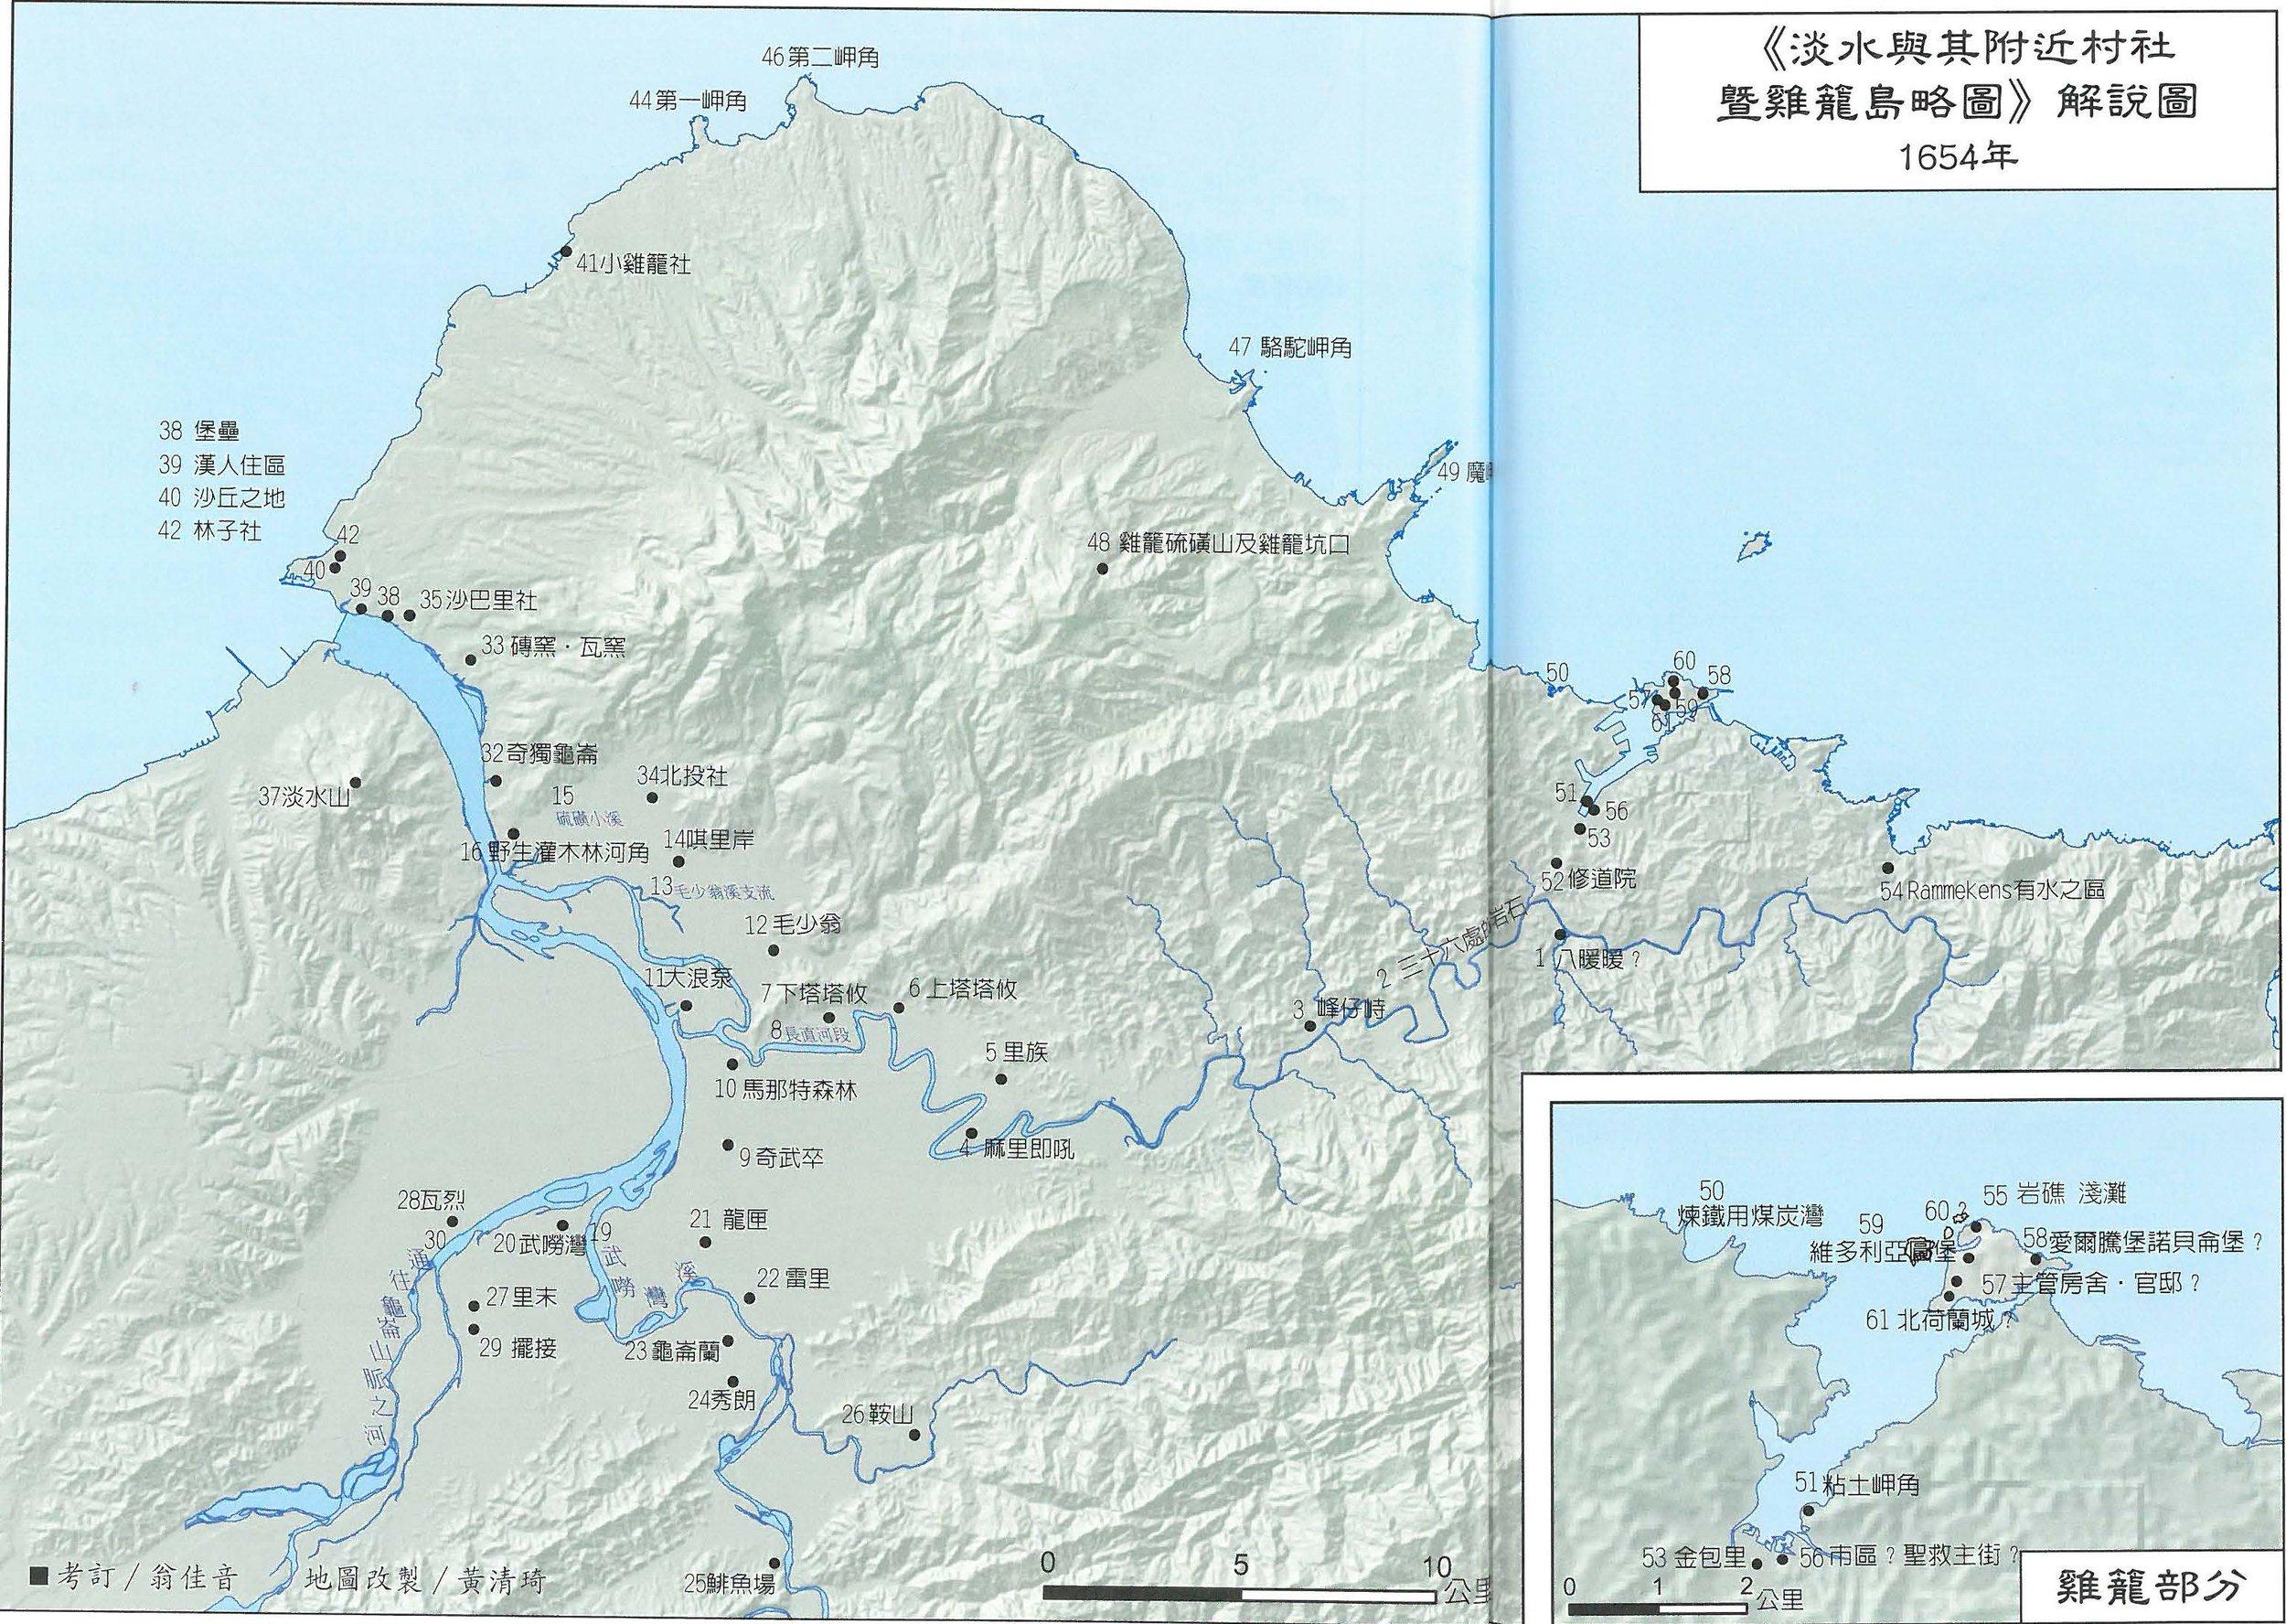 淡水與其附近村社暨雞籠島略圖/ 1654年